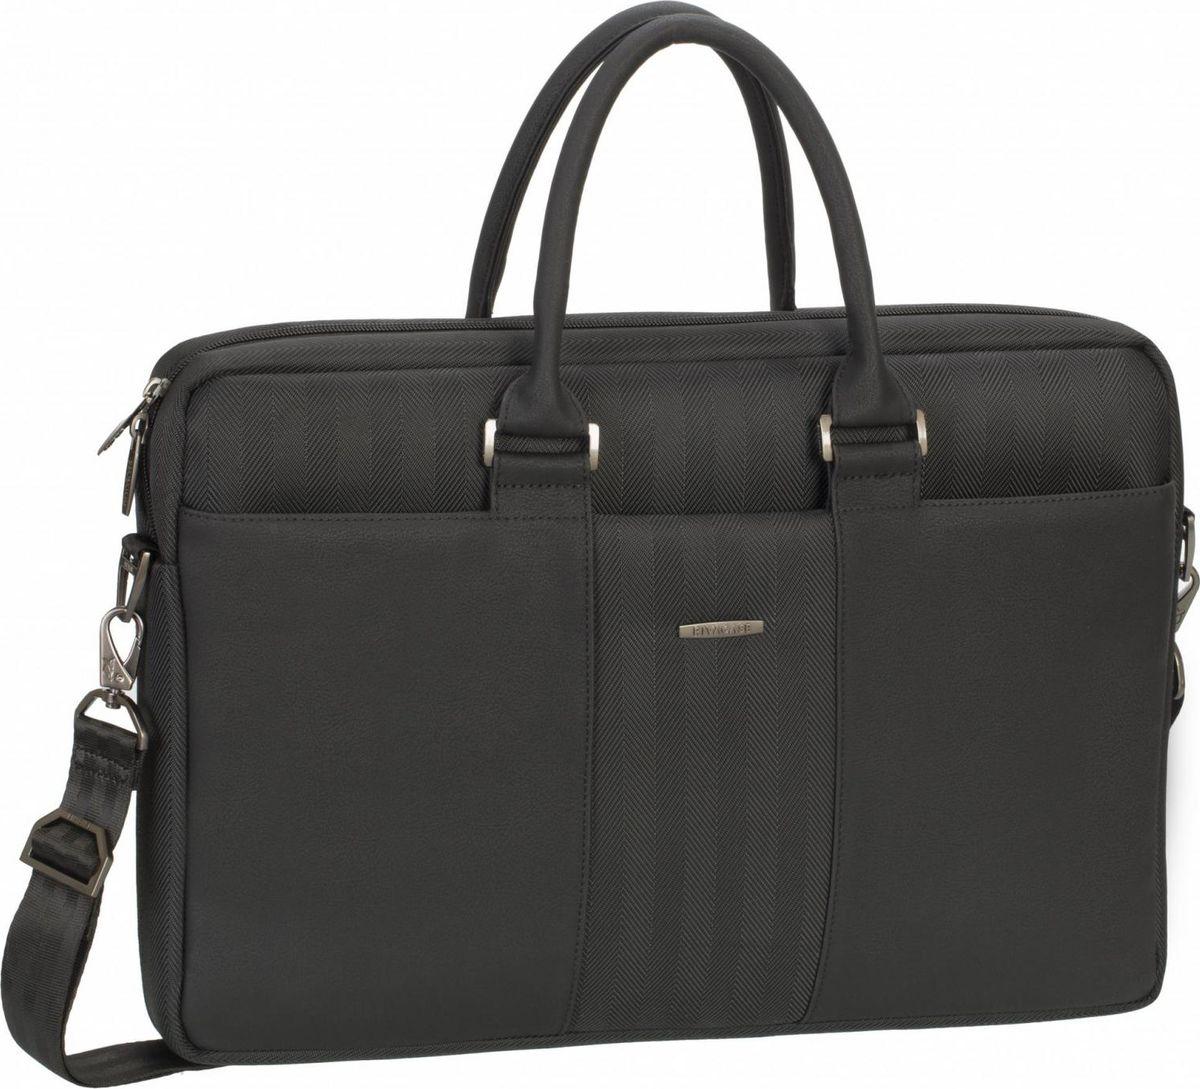 RivaCase 8135, Black сумка для ноутбука 15,6